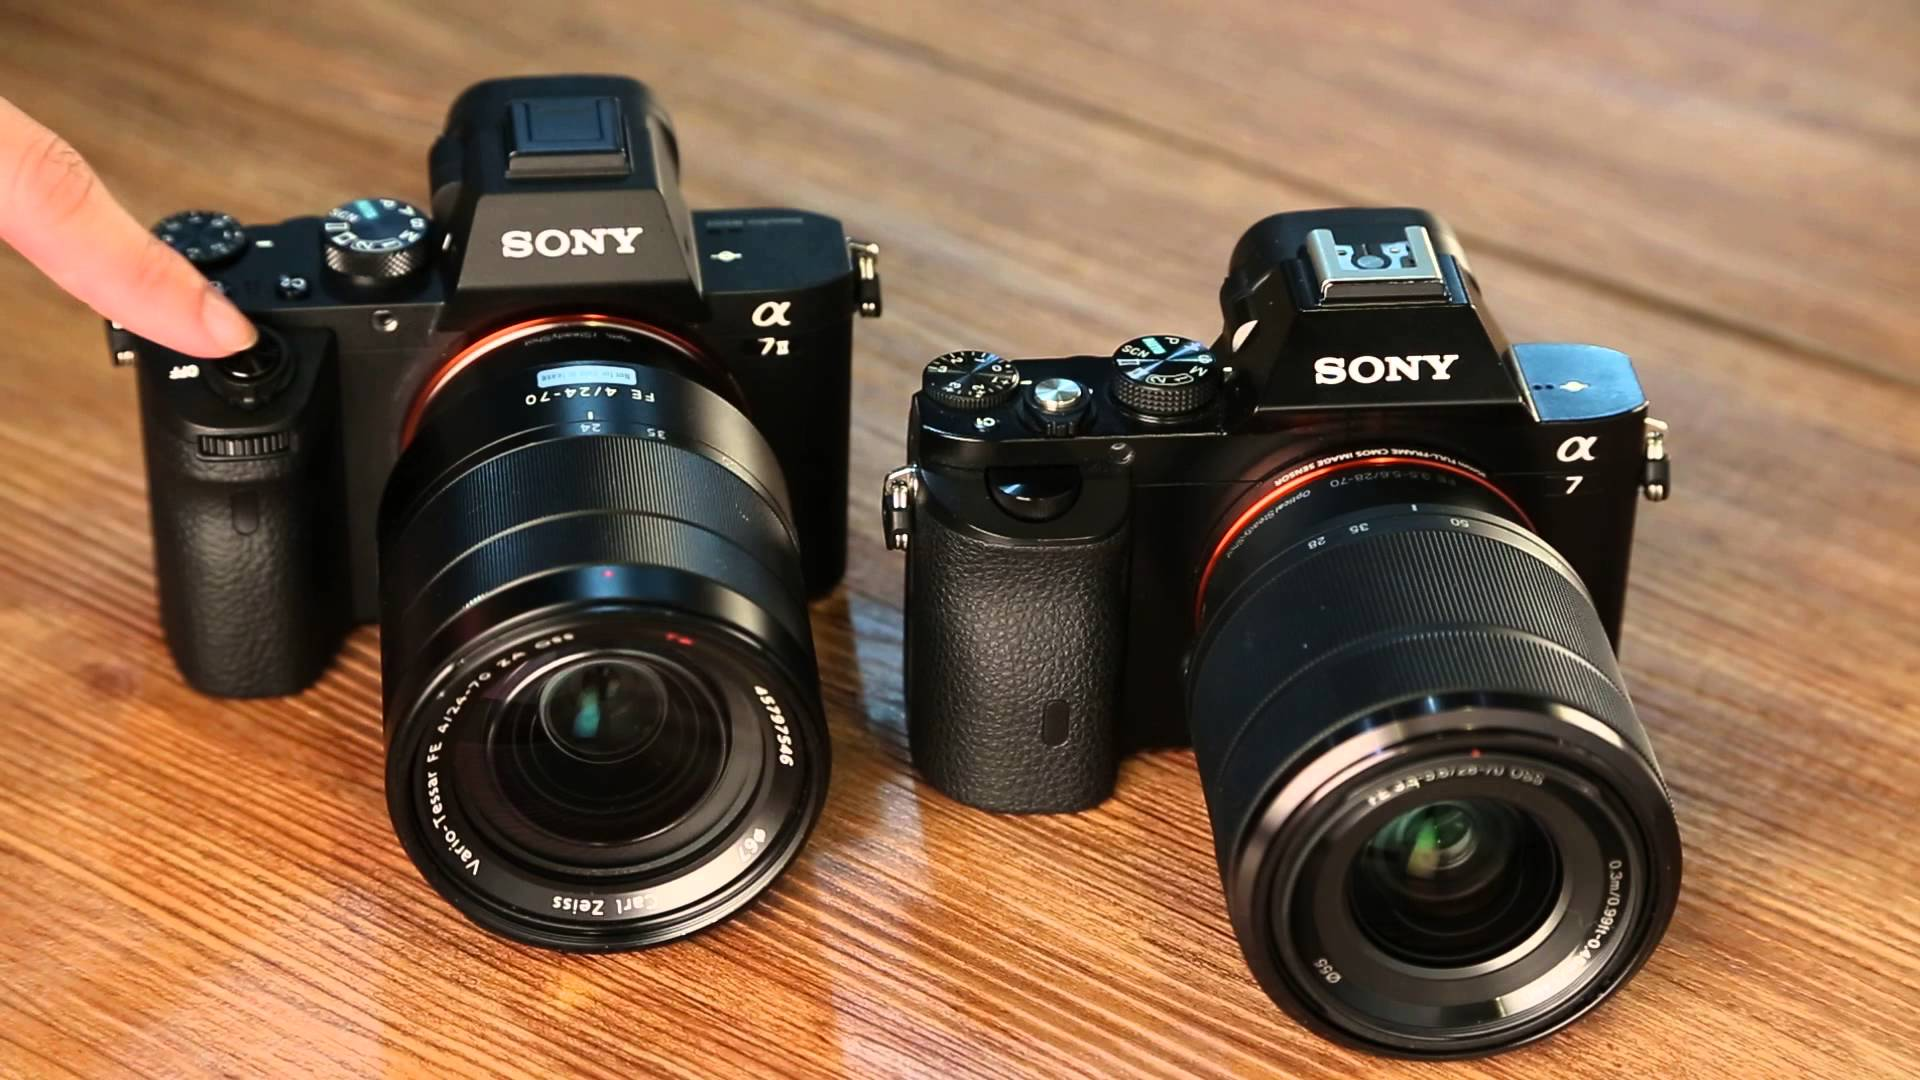 Обзор и тест беззеркальной камеры sony a7r iii — видеосъемка и беспроводные возможности